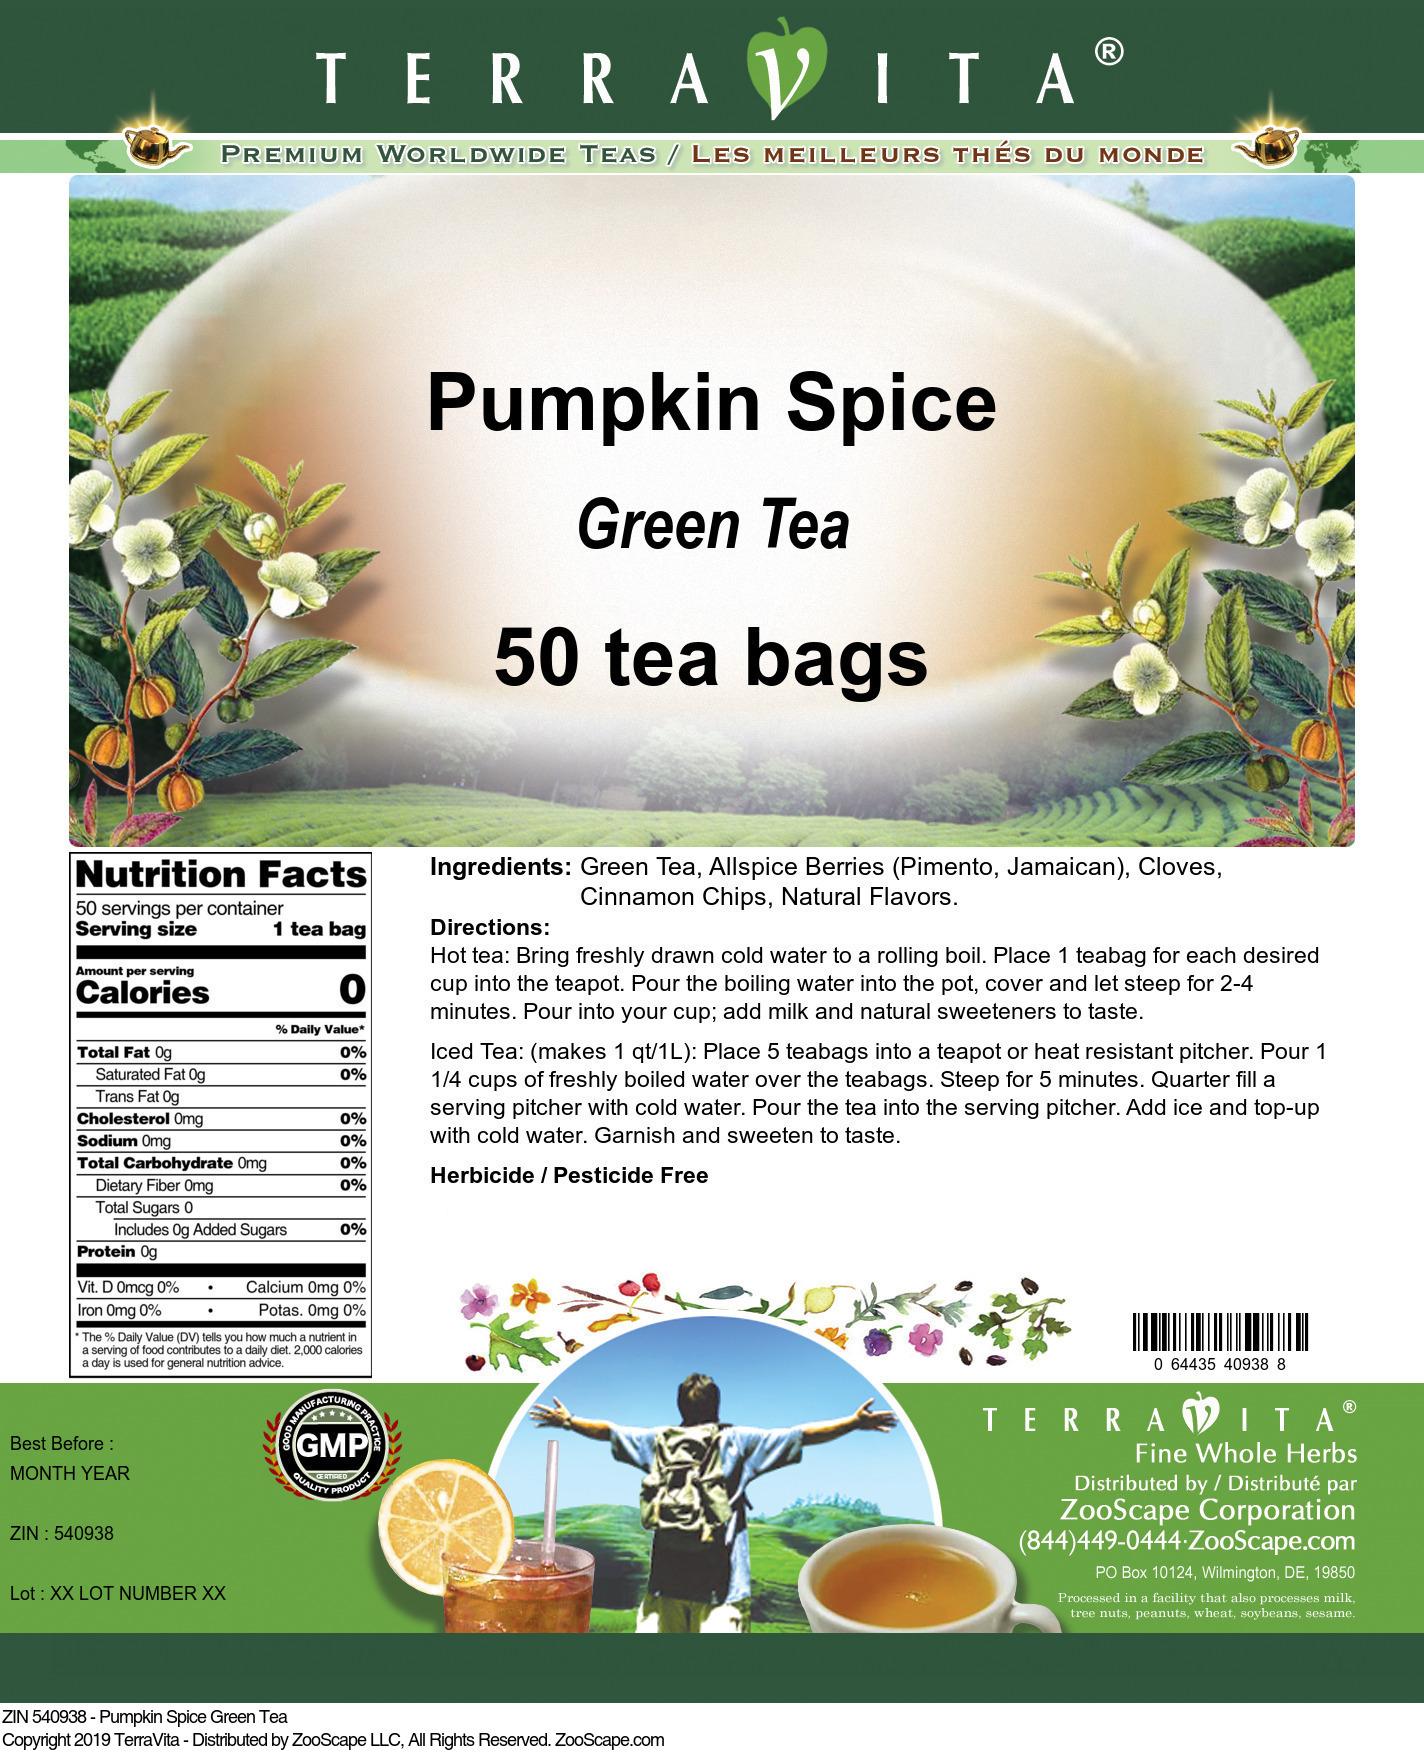 Pumpkin Spice Green Tea